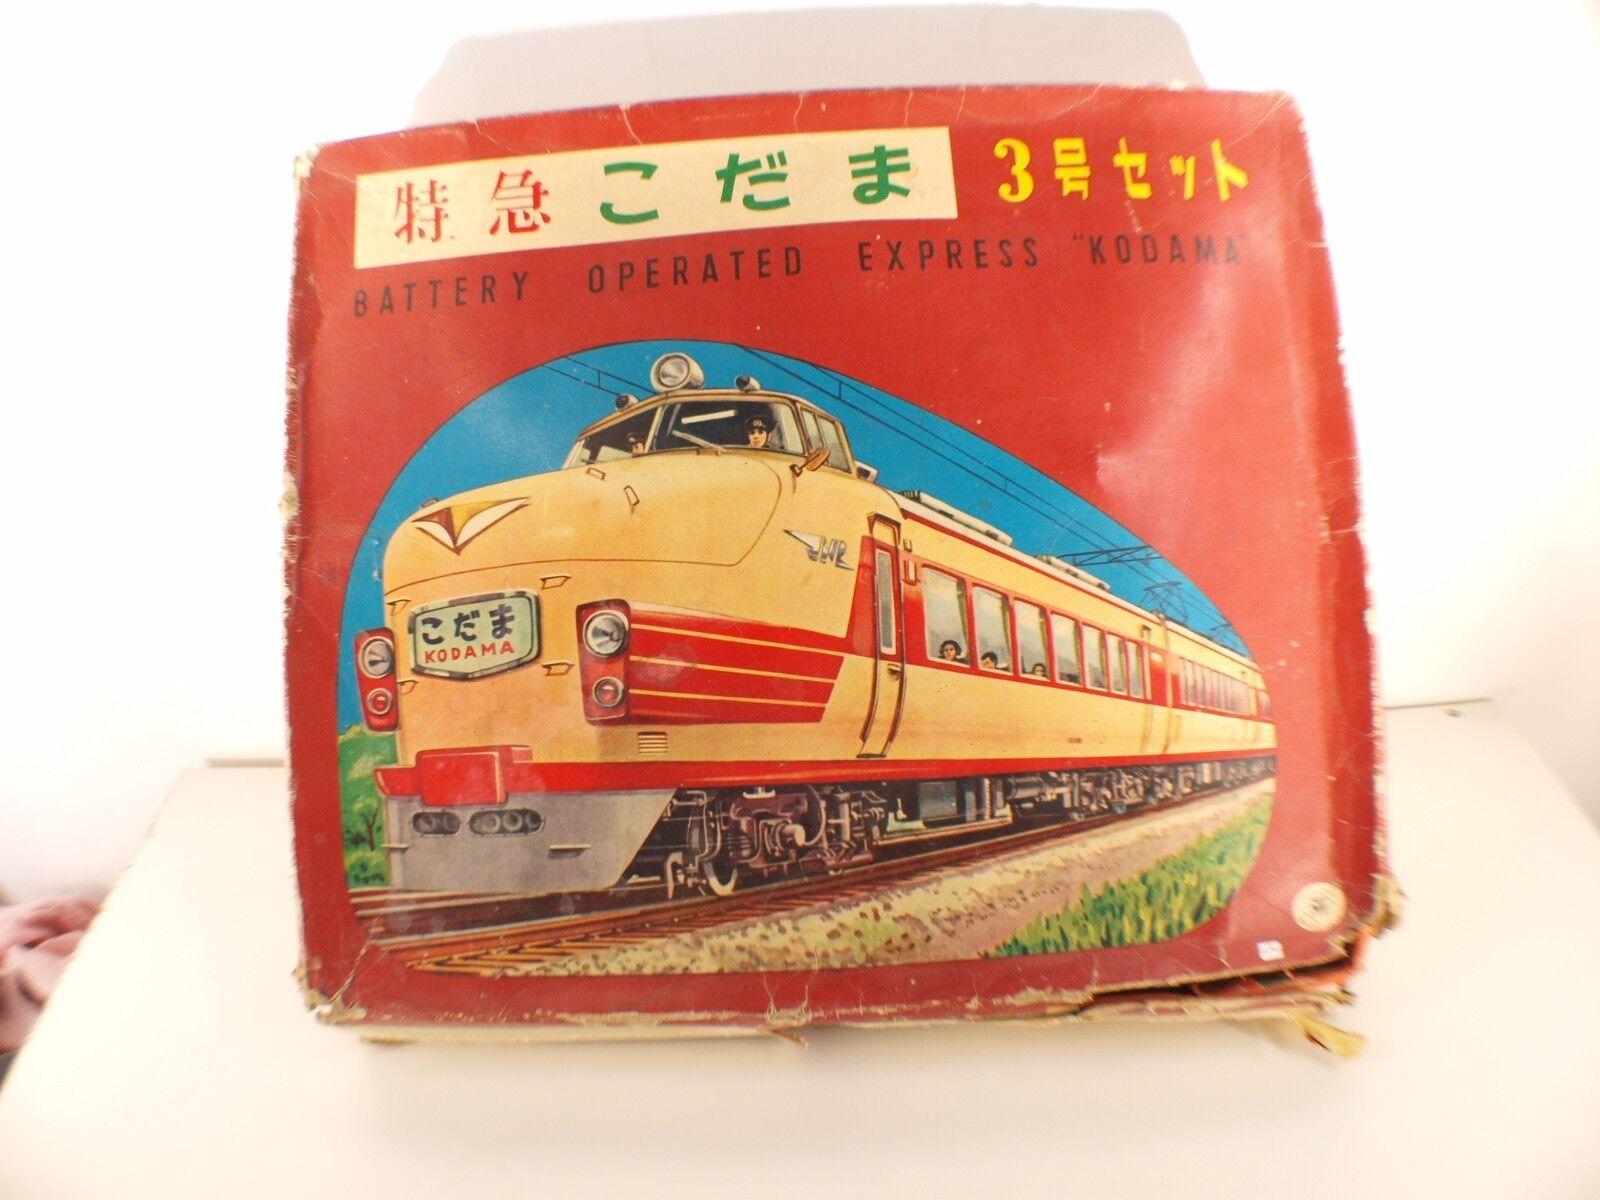 Masudaya Juguetes Japón N º 3230 Caja Express Kodama Batería Tren TinJuguete Raro